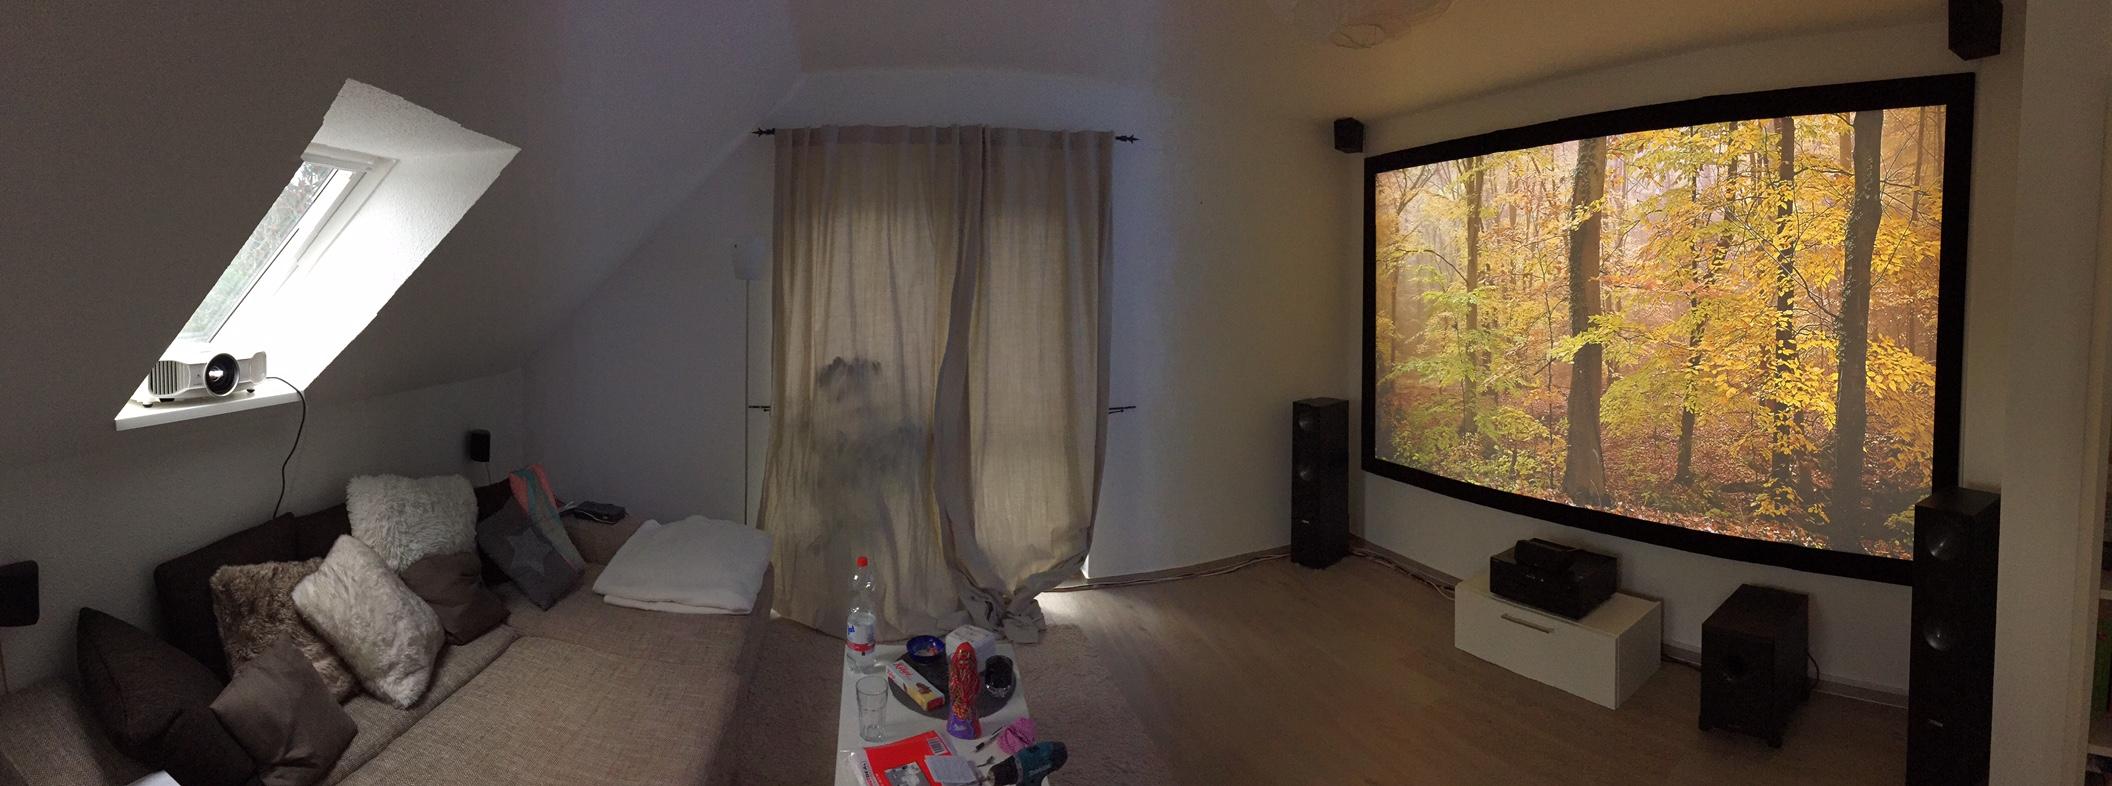 heimkino mit tv ideen inspiration f r die. Black Bedroom Furniture Sets. Home Design Ideas